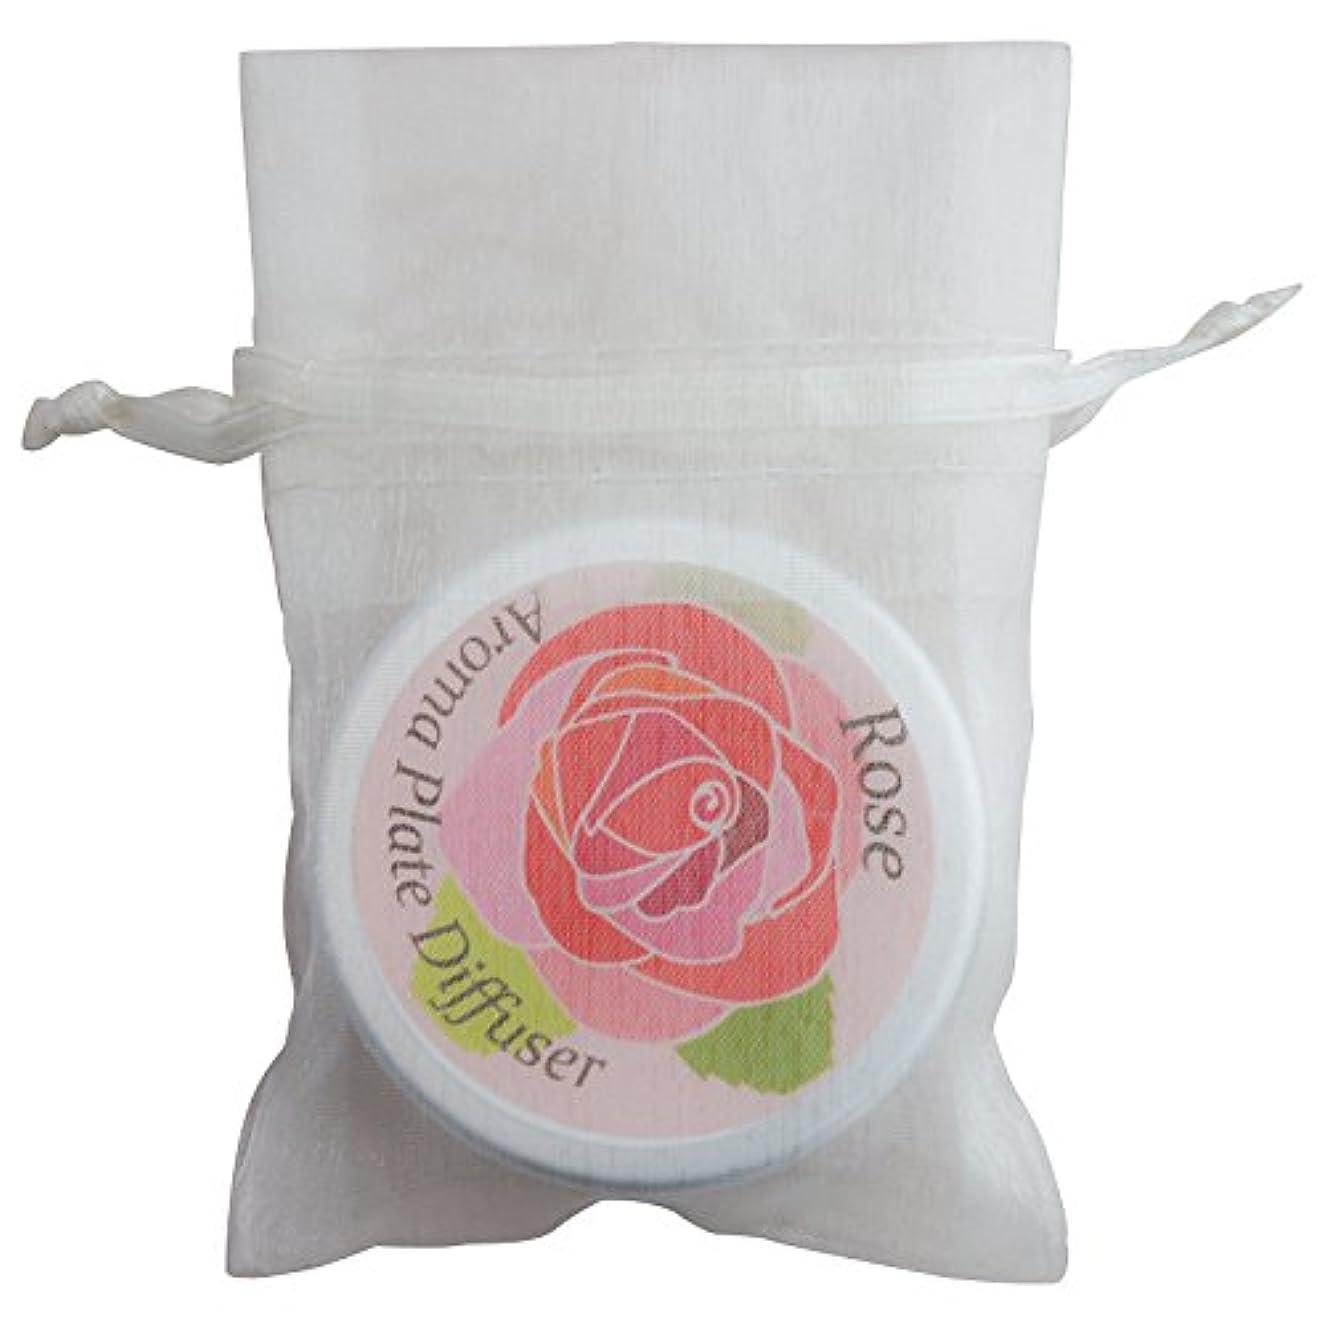 束冗長折るアロマラボ 伊万里製 アロマプレート(ローズデザイン) アルミ缶入 オーガンジー袋つき